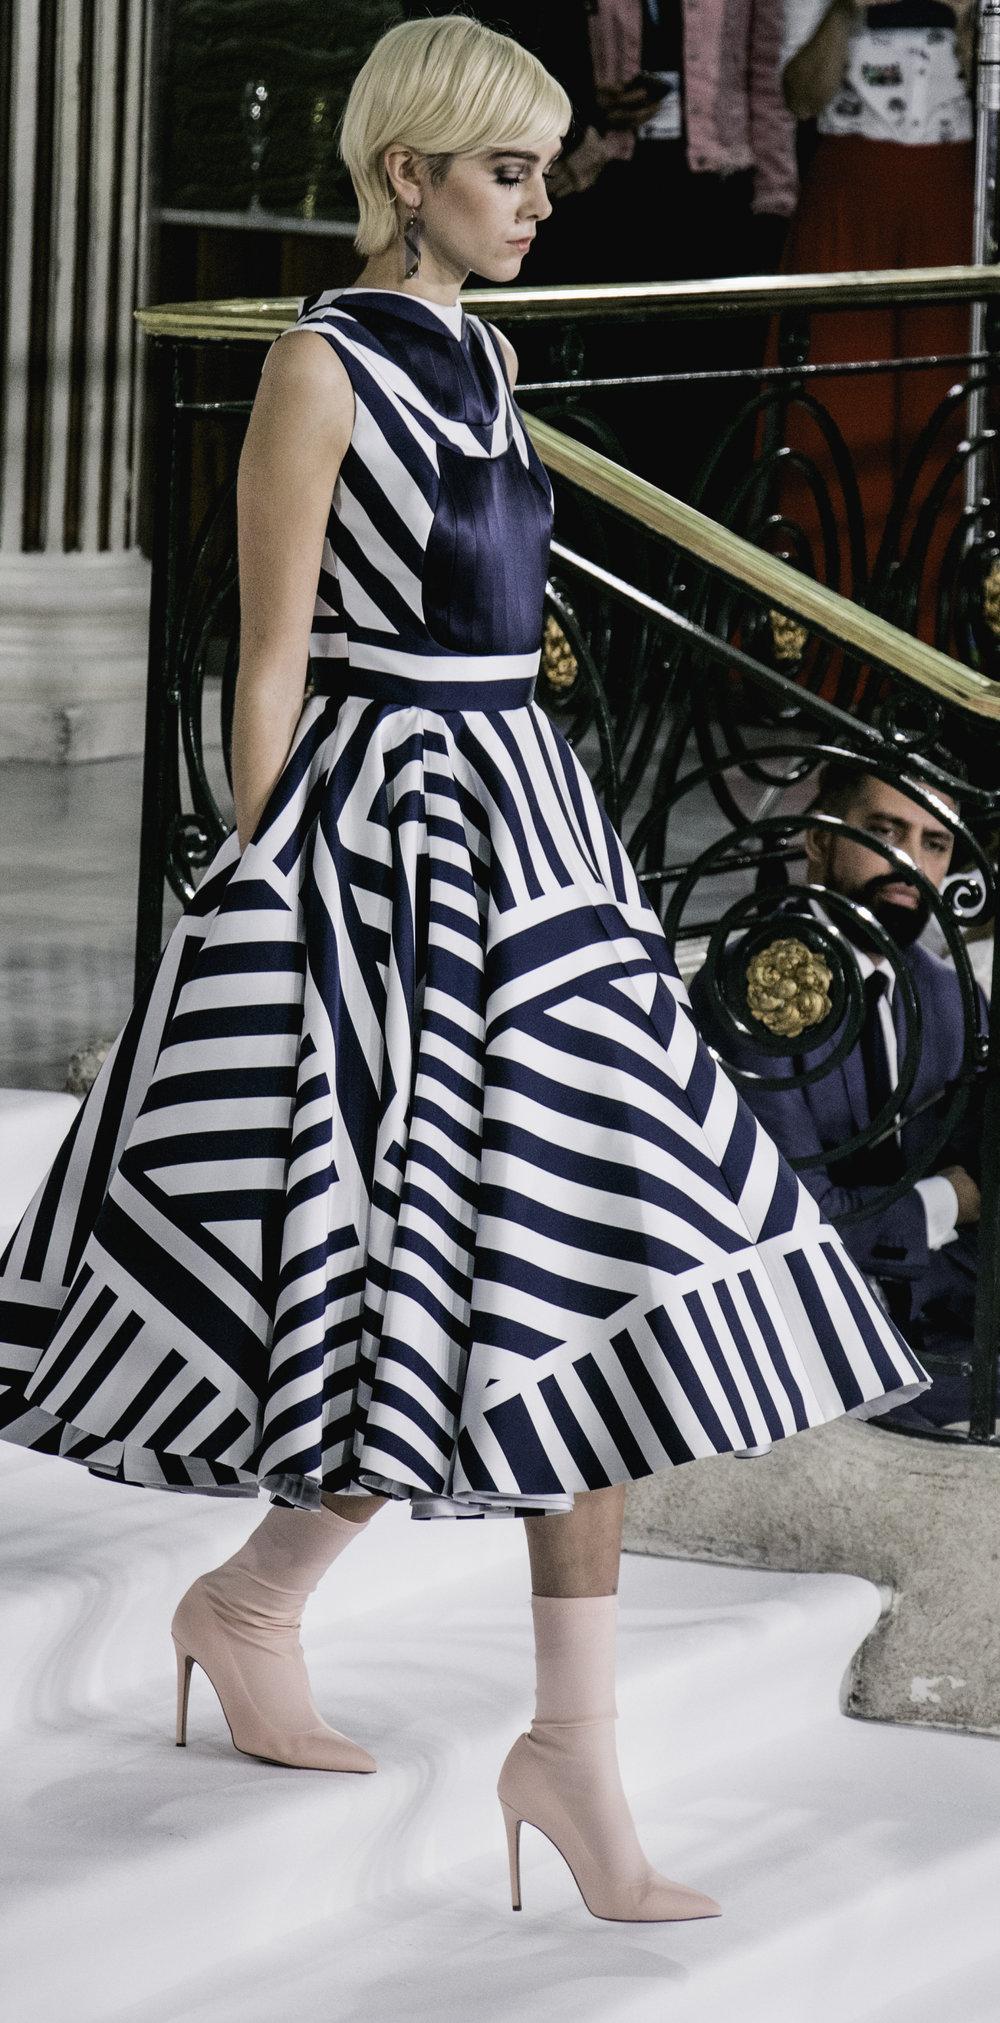 London Fashion Week SS18 Paul Costelloe catwalk.jpg